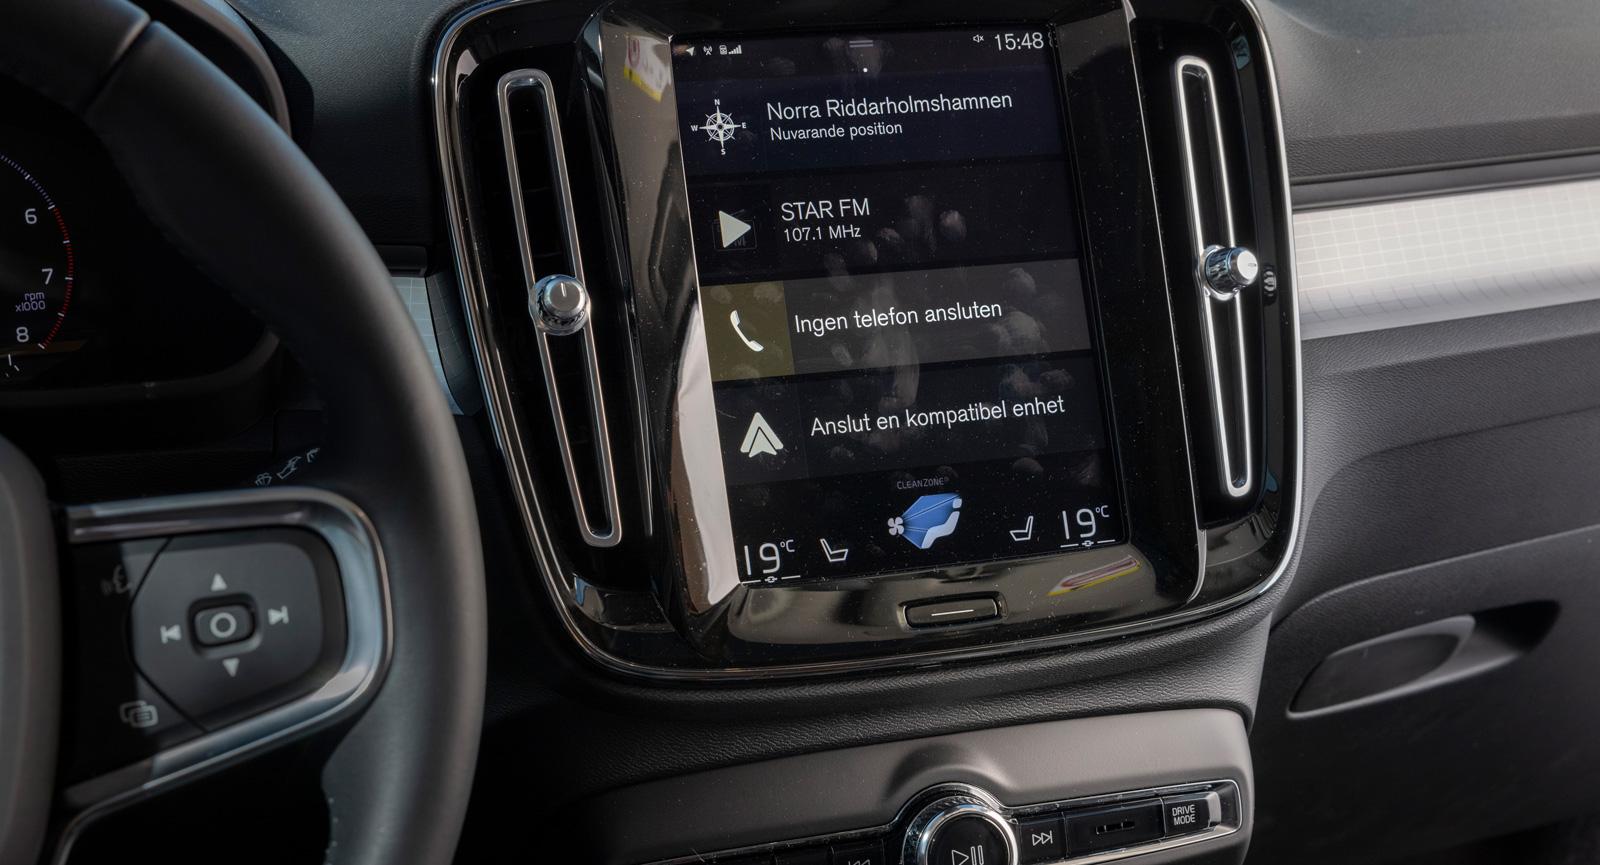 Volvo: Sensus-systemet har hängt med länge och har med åren blivit hyggligt lättanvänt. Det går delvis att möblera om efter de funktioner som används mest. En större skärm hade inte skadat.